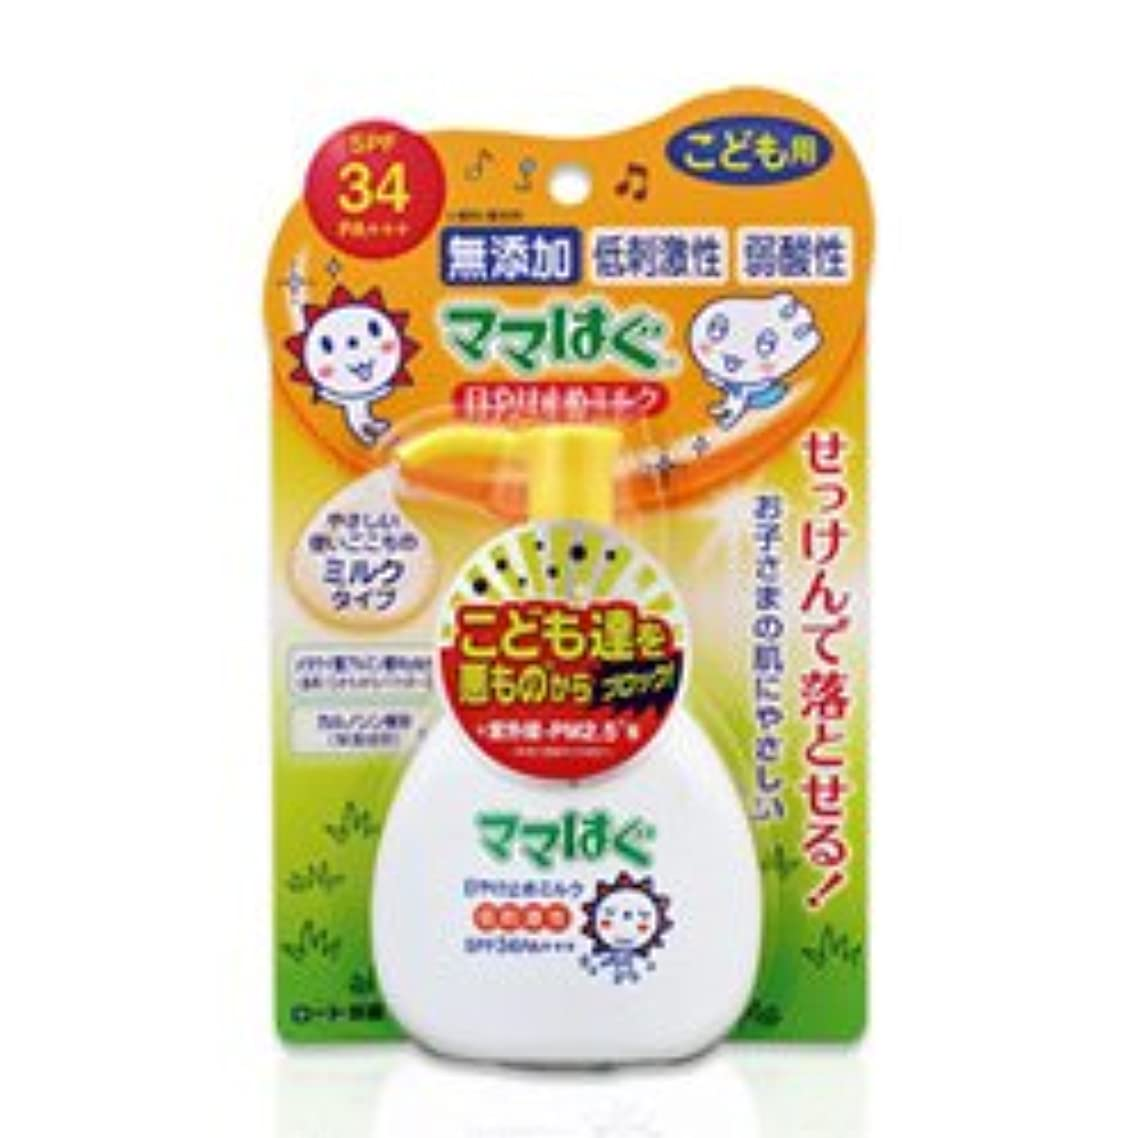 シャークバー区別【ロート製薬】ママはぐ 日やけ止めミルク 100g ×20個セット